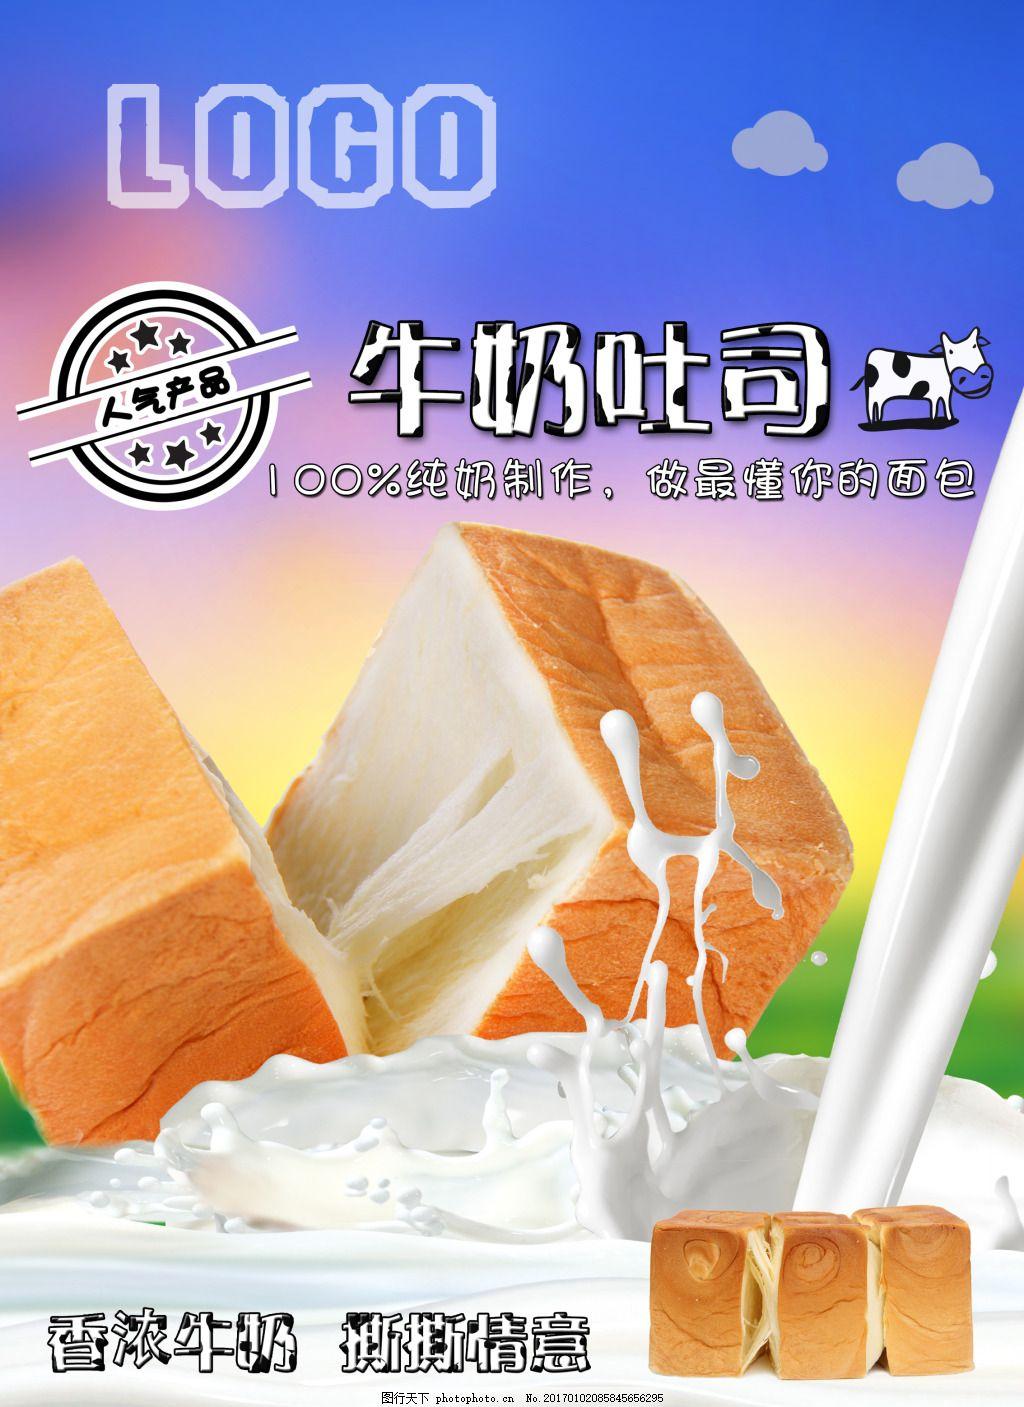 牛奶吐司新品促销 牛奶吐司 牛奶手撕 活动海报 面包西饼